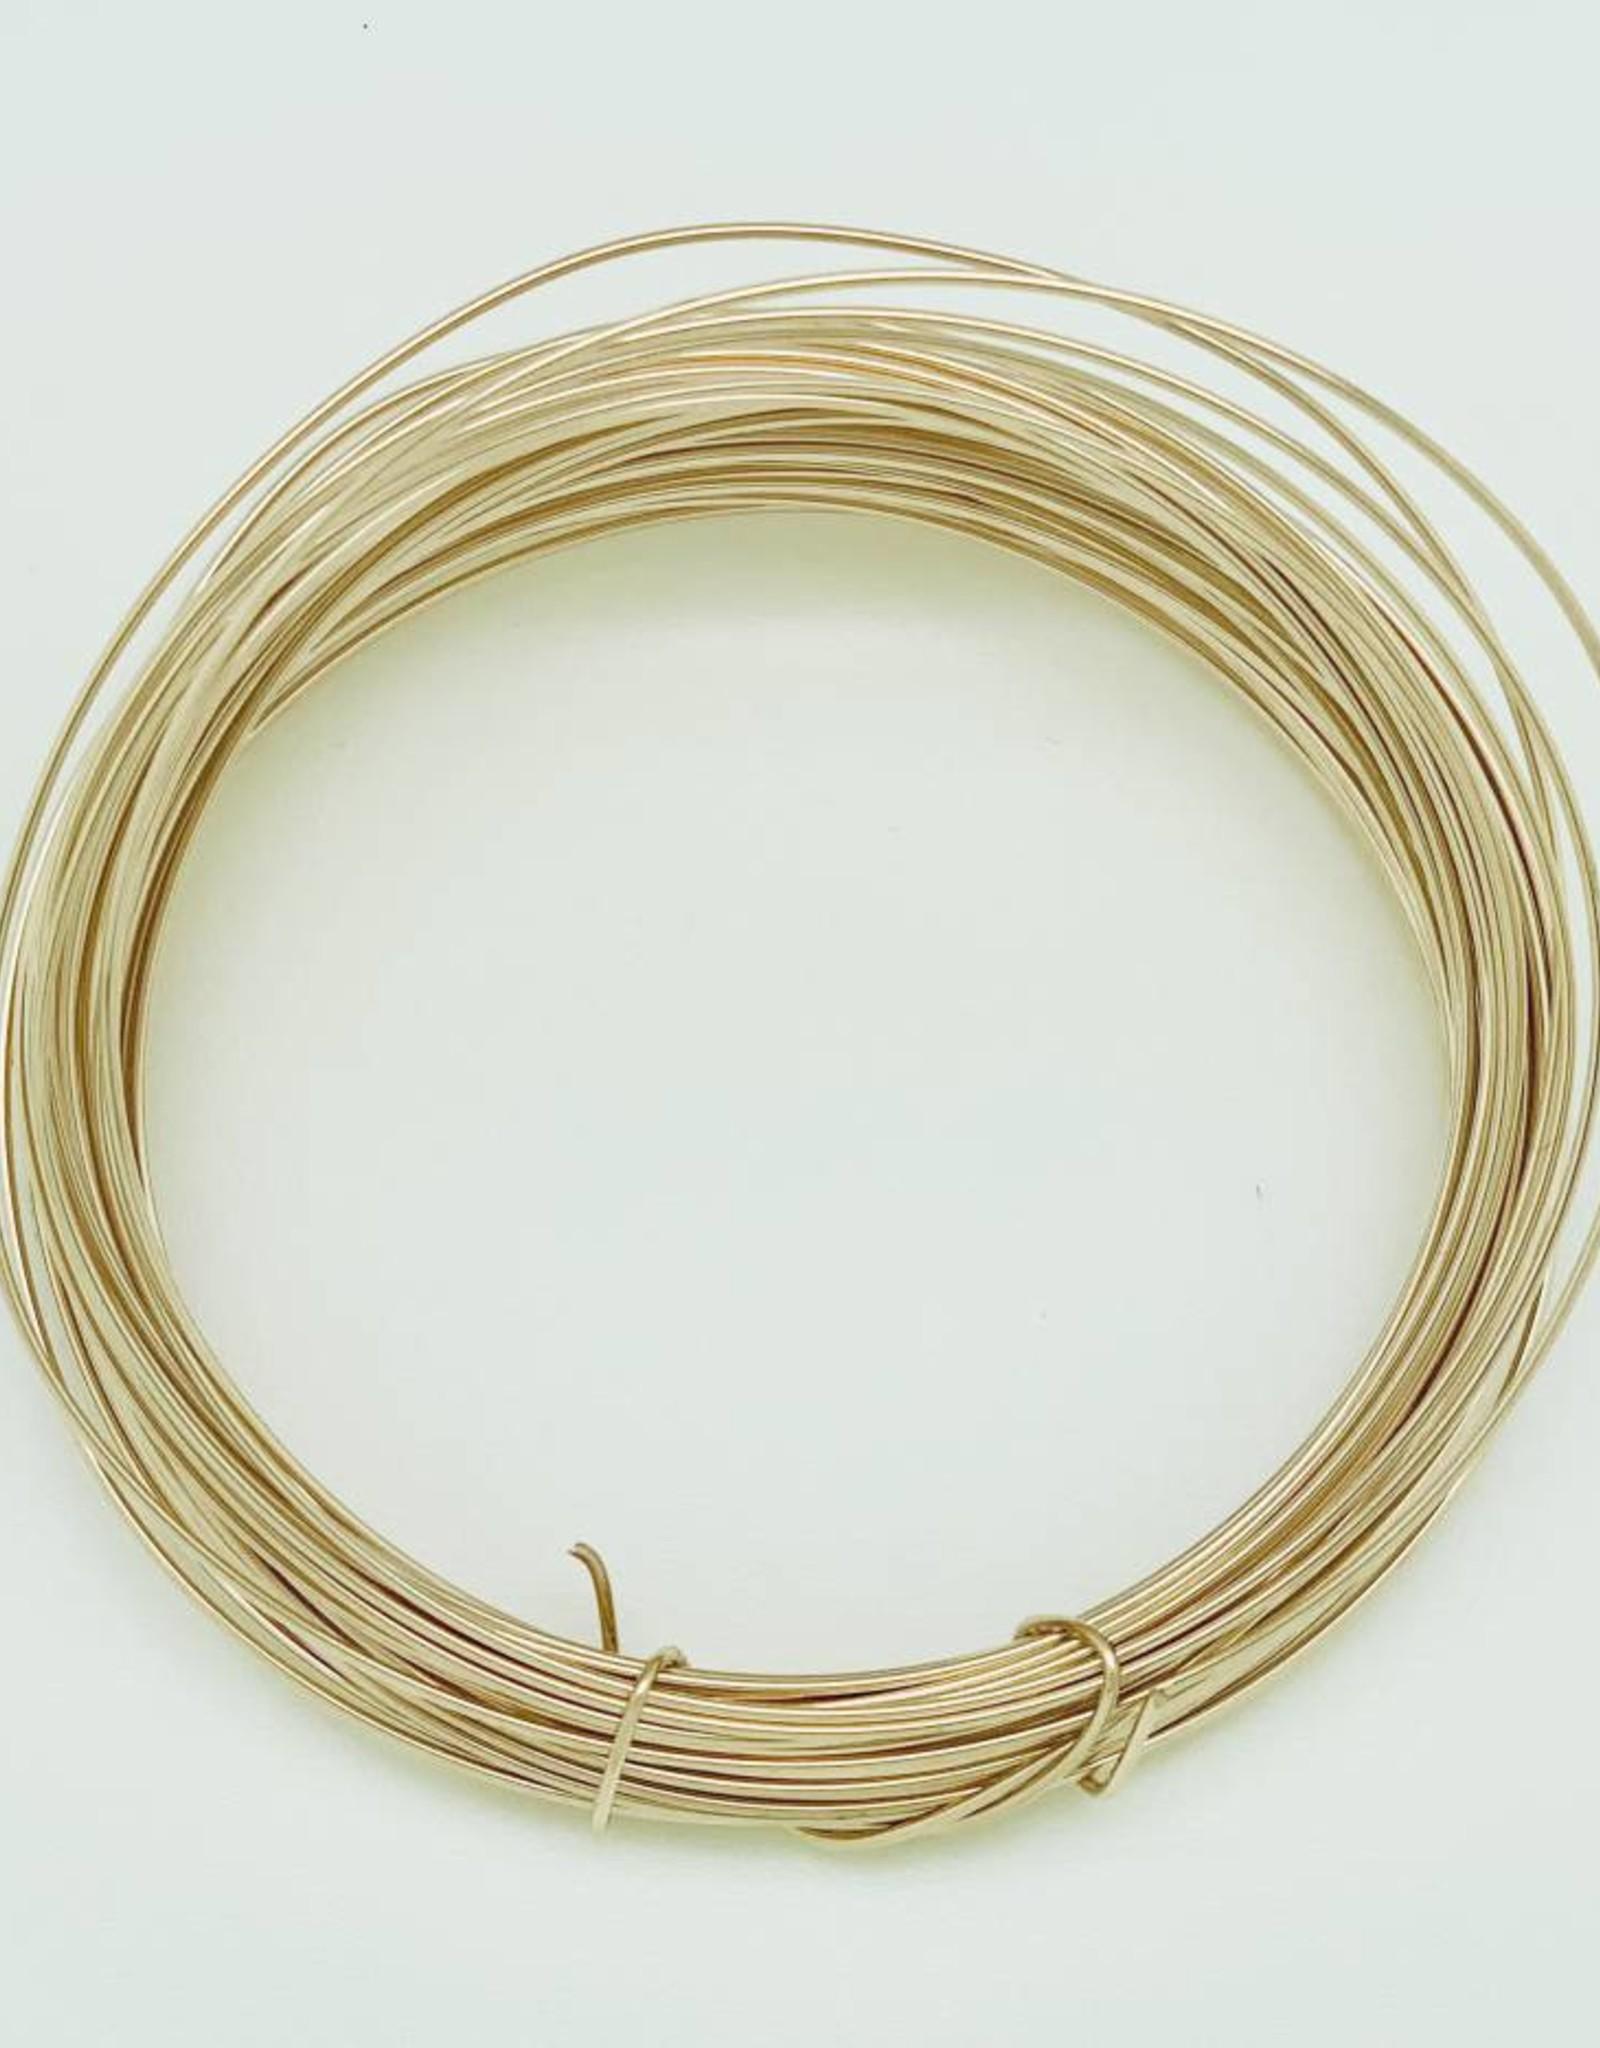 18ga Gold Filled Round Wire 1 oz